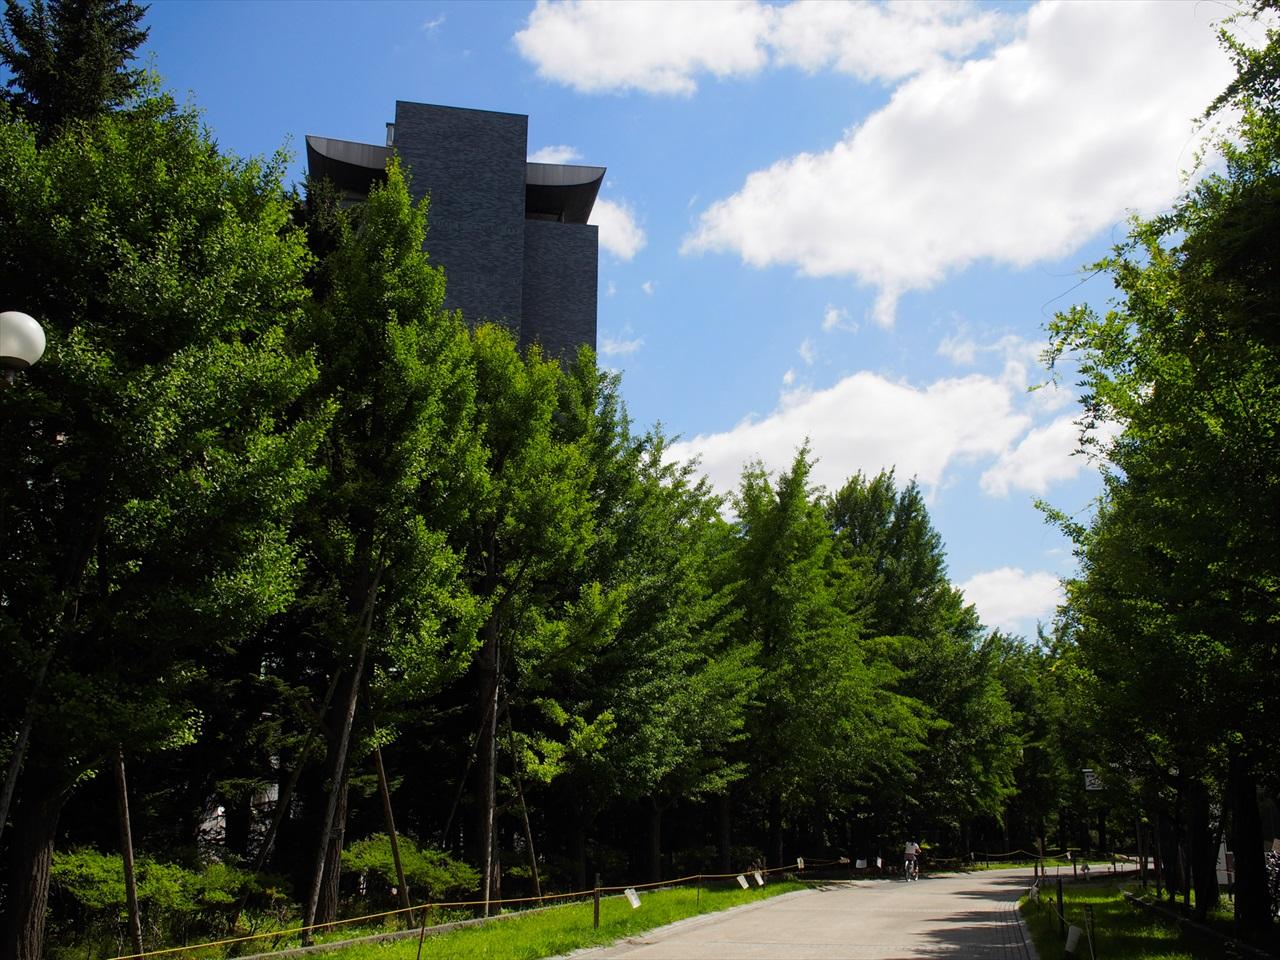 中島公園の緑豊かな景色